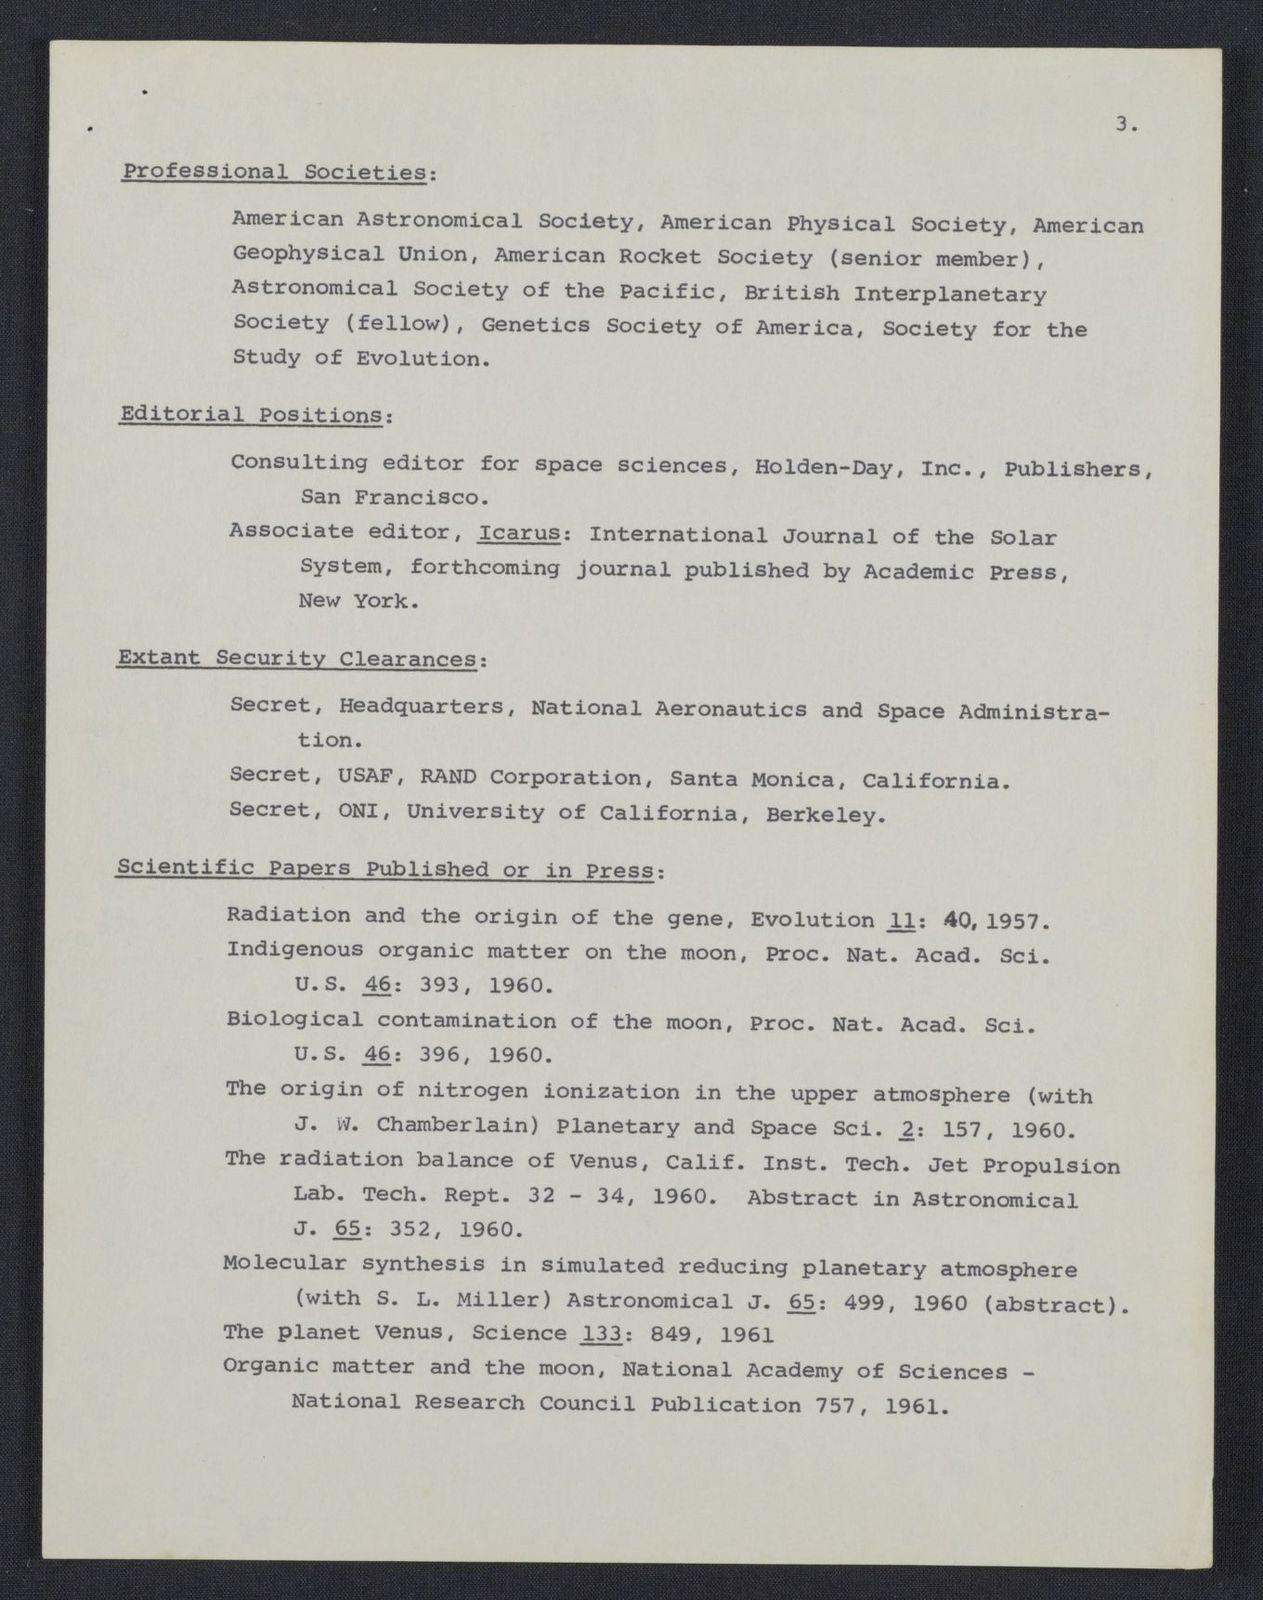 Carl Sagan : curriculum vitae | PICRYL